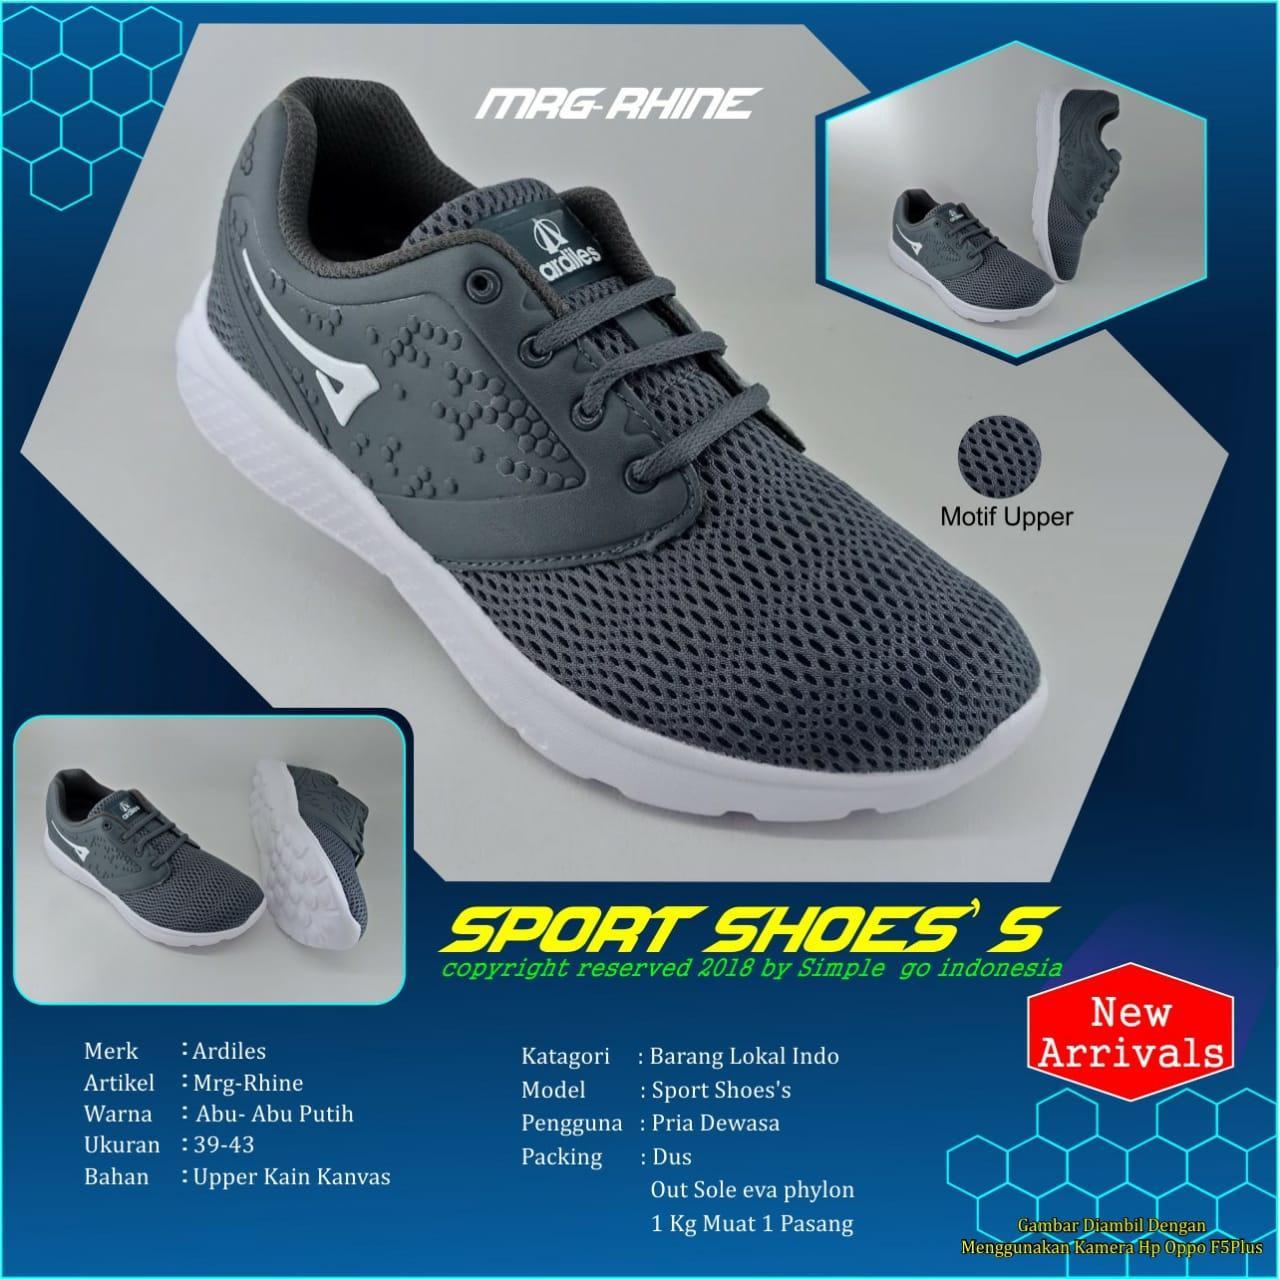 Jual Sepatu Sandal Ardiles Terbaik Kids Rosella Sneakers Biru Navy Olahraga Ringan Rhine Pria Dewasa 39 44